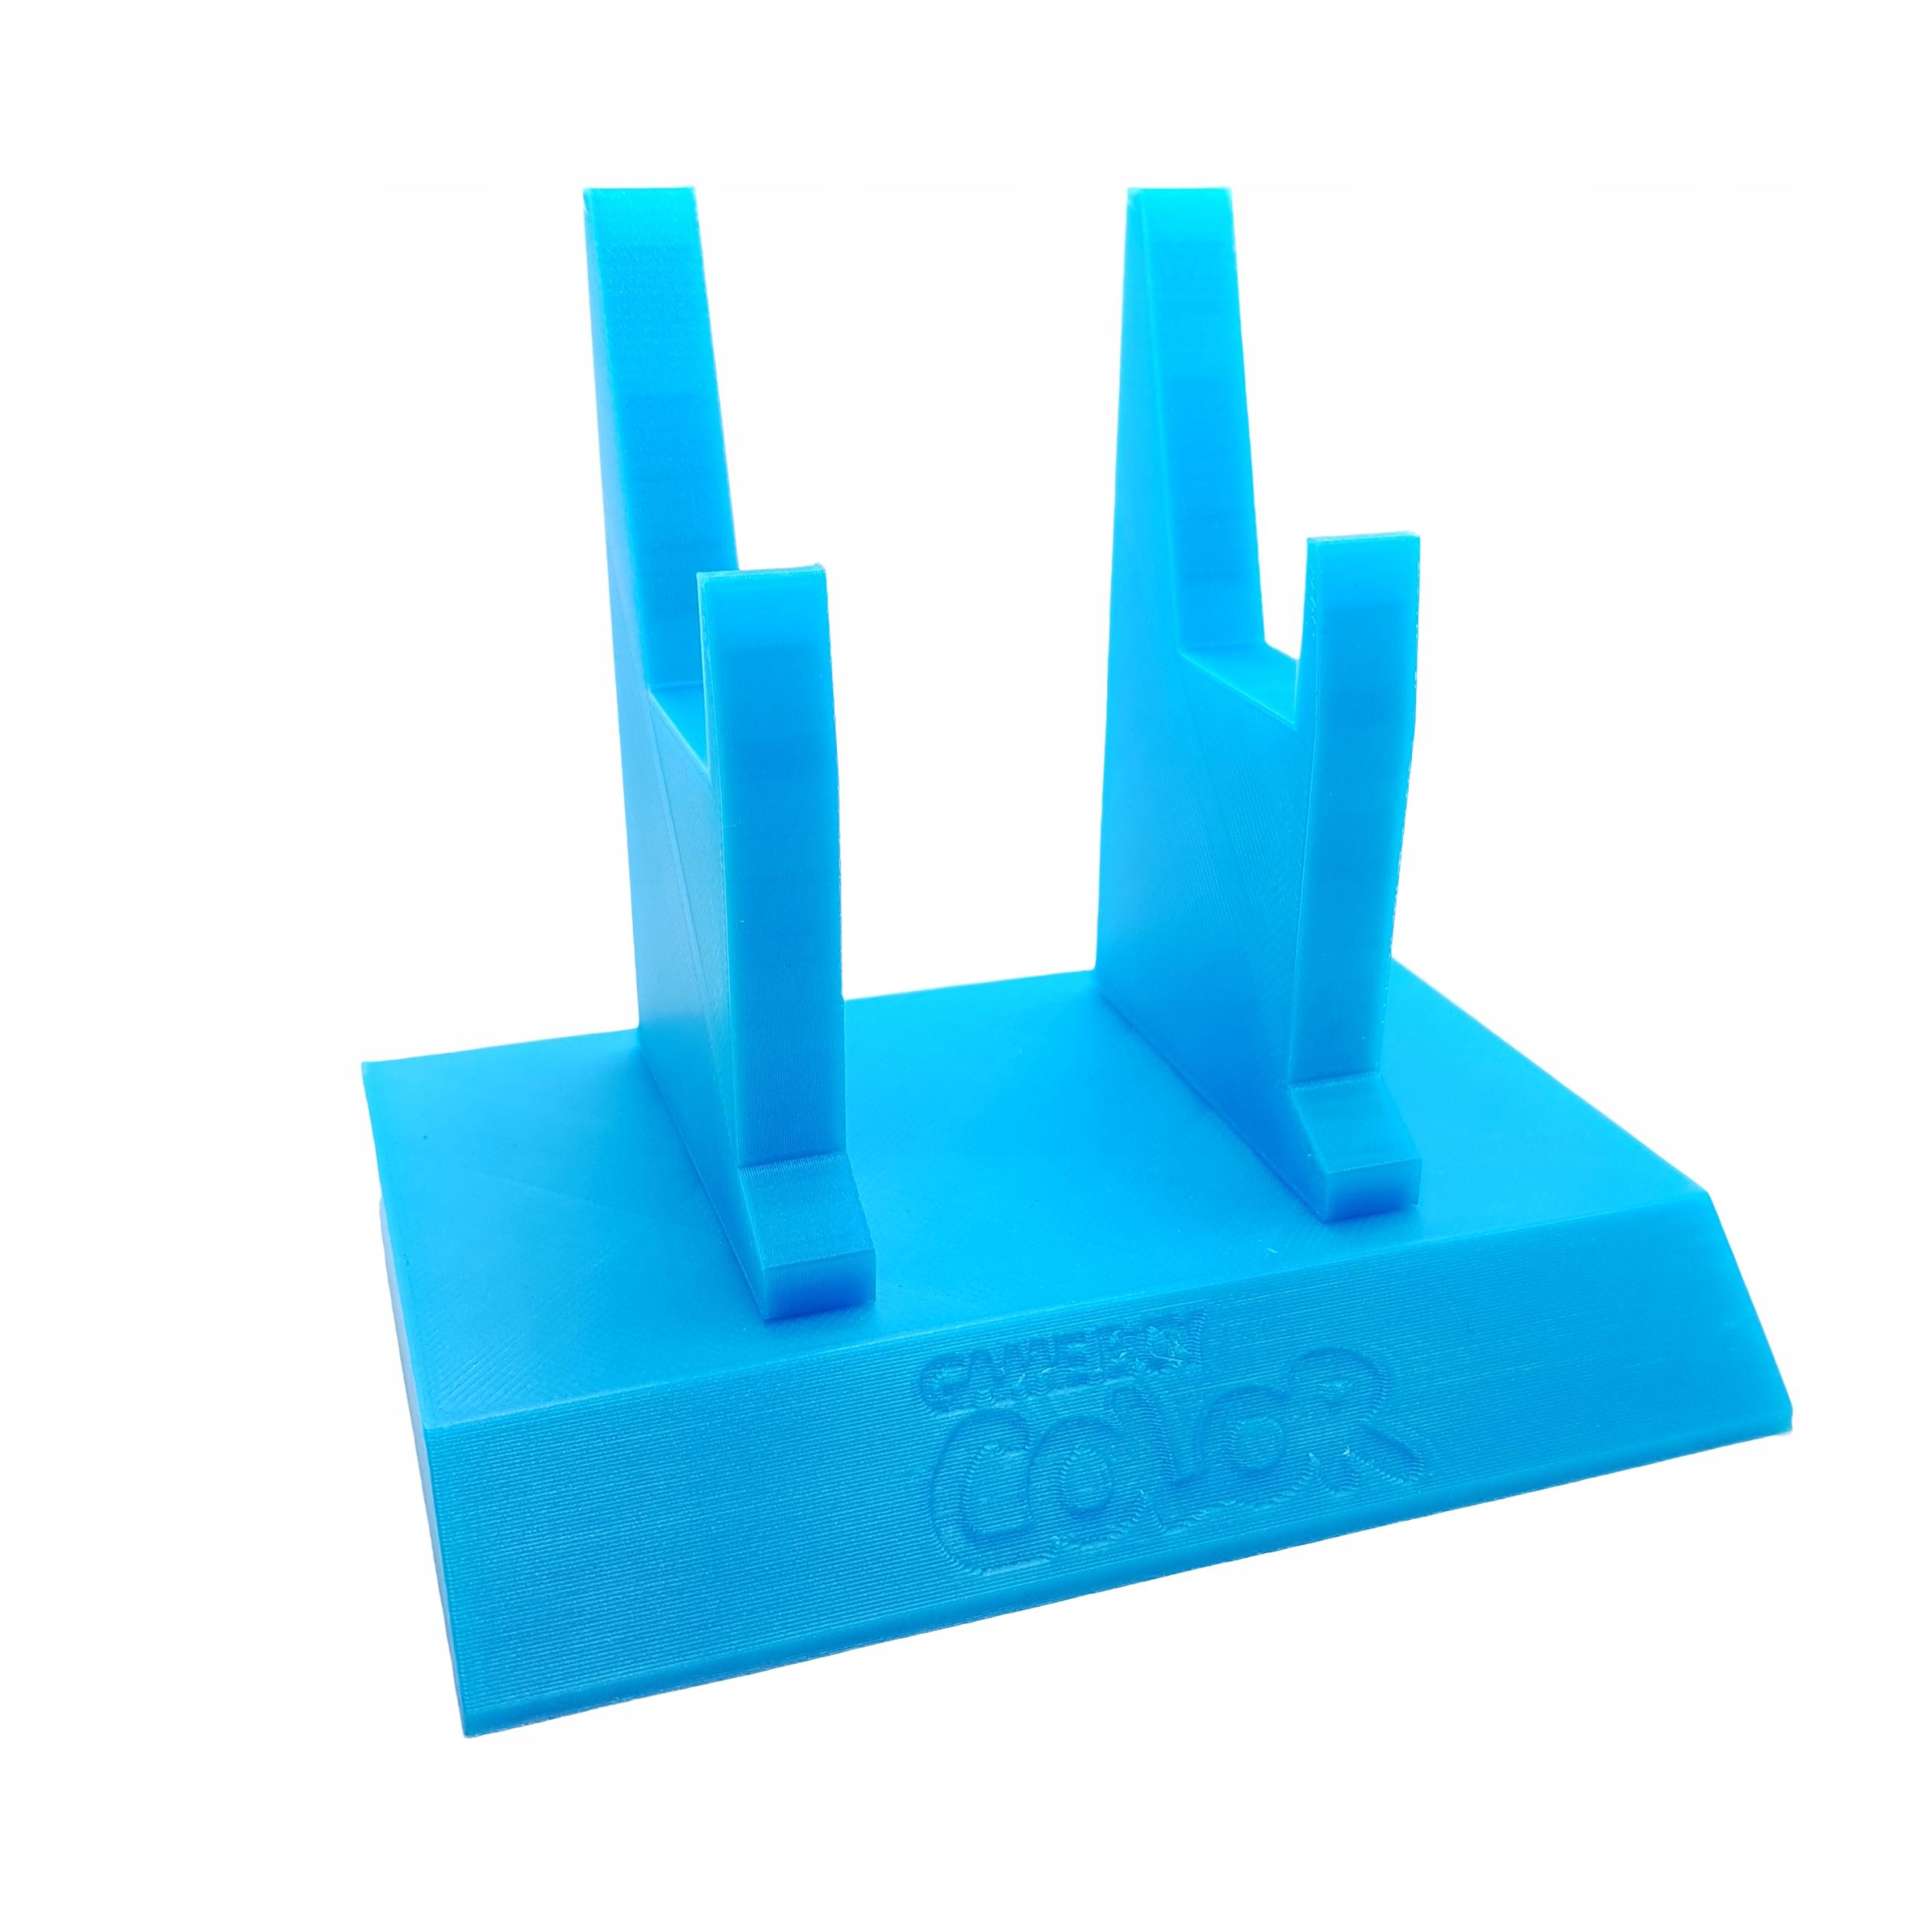 Chlapec farebný stojan 3D tlač